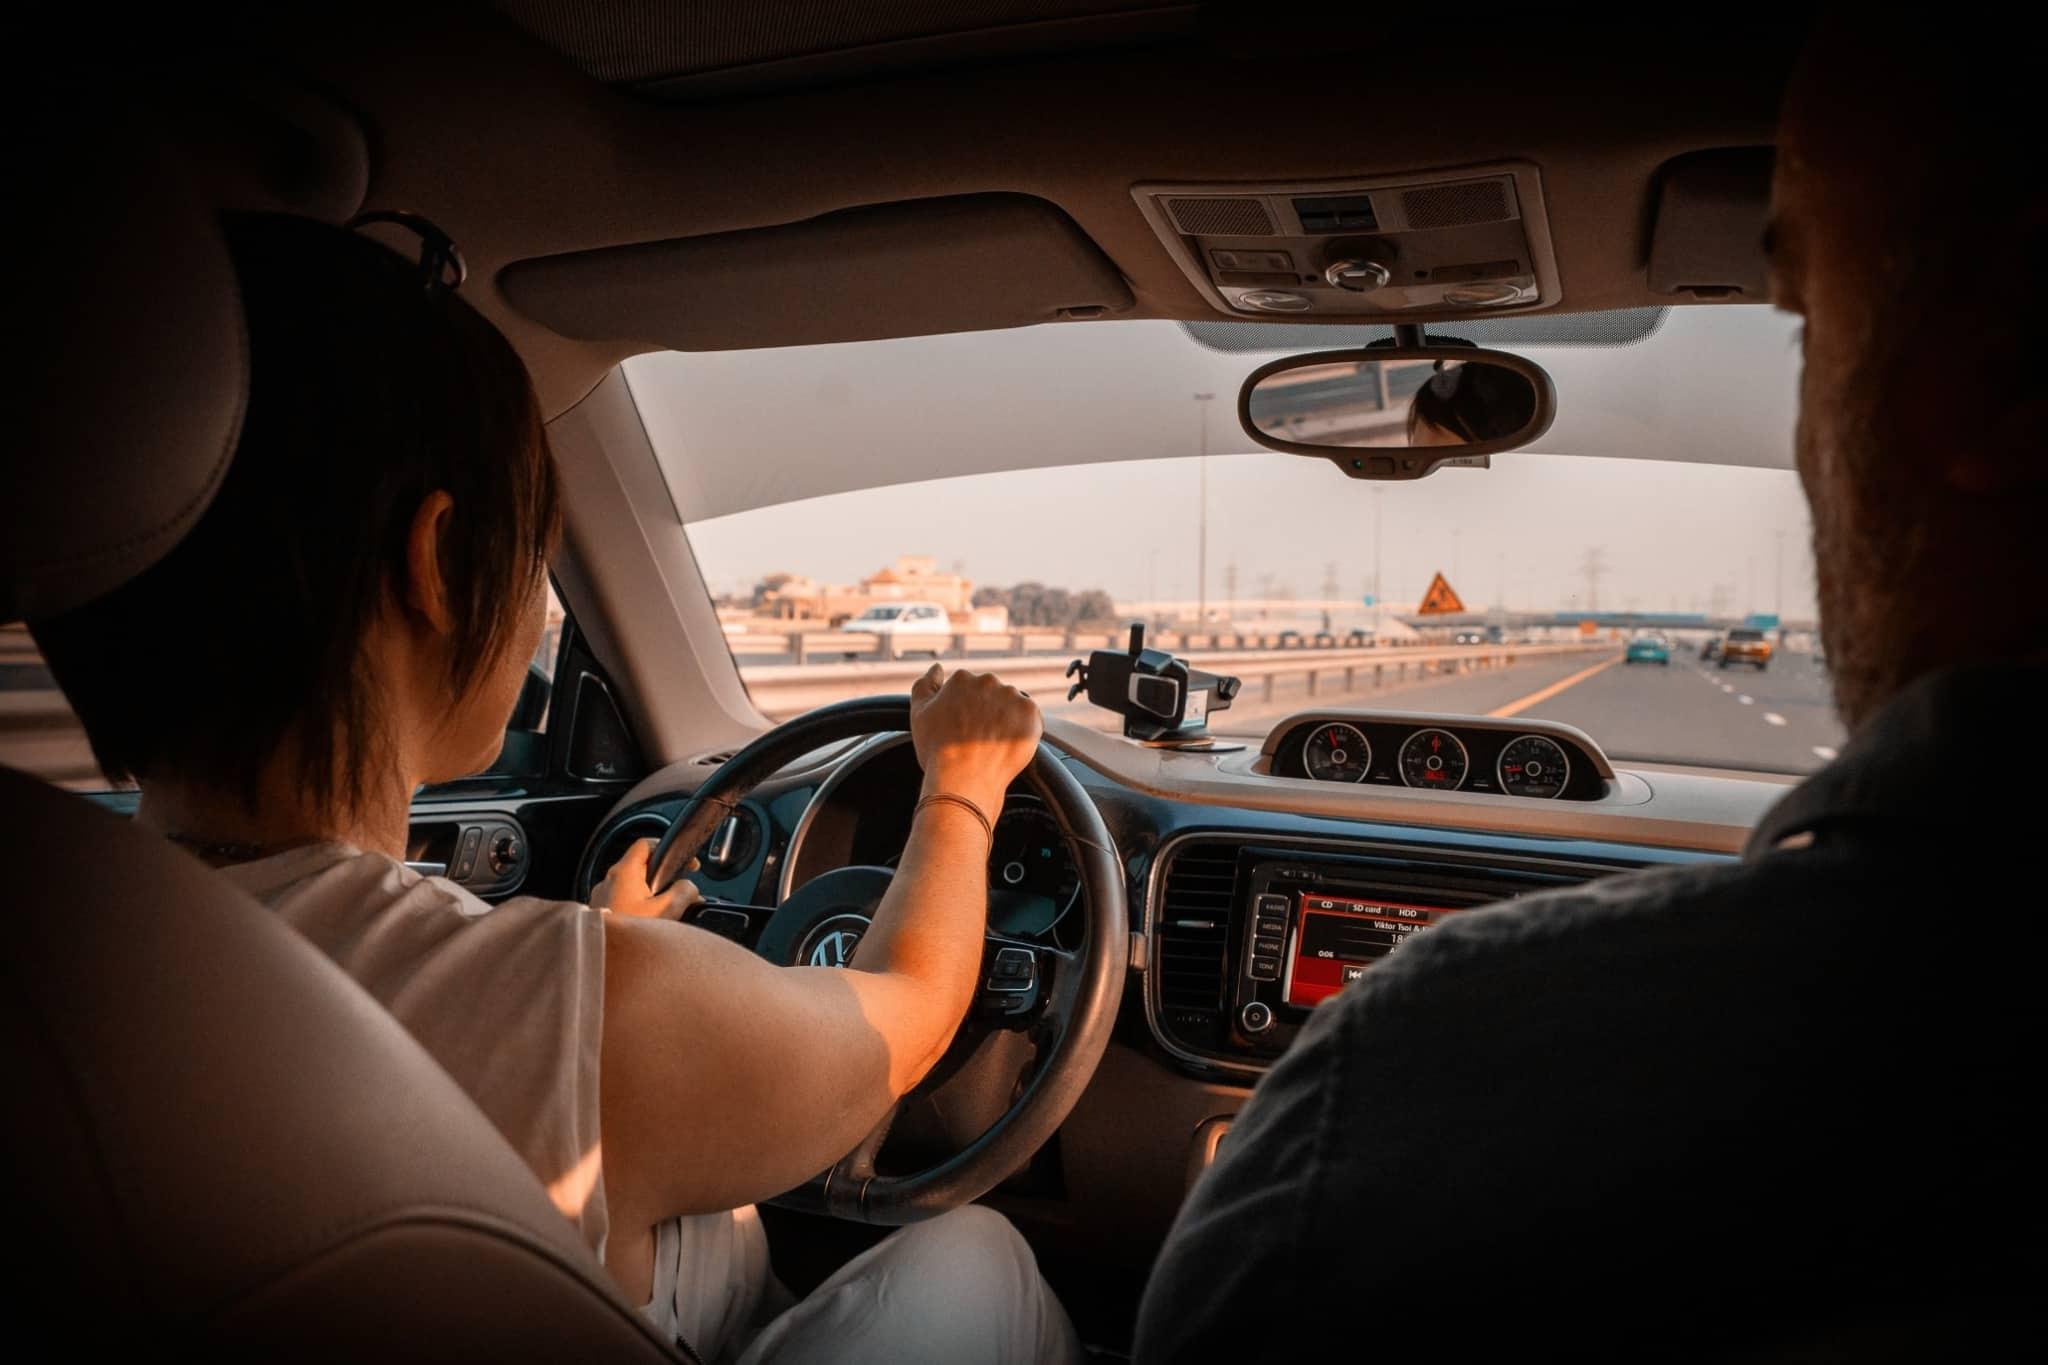 duas pessoas dentro de um automóvel condutor mulher